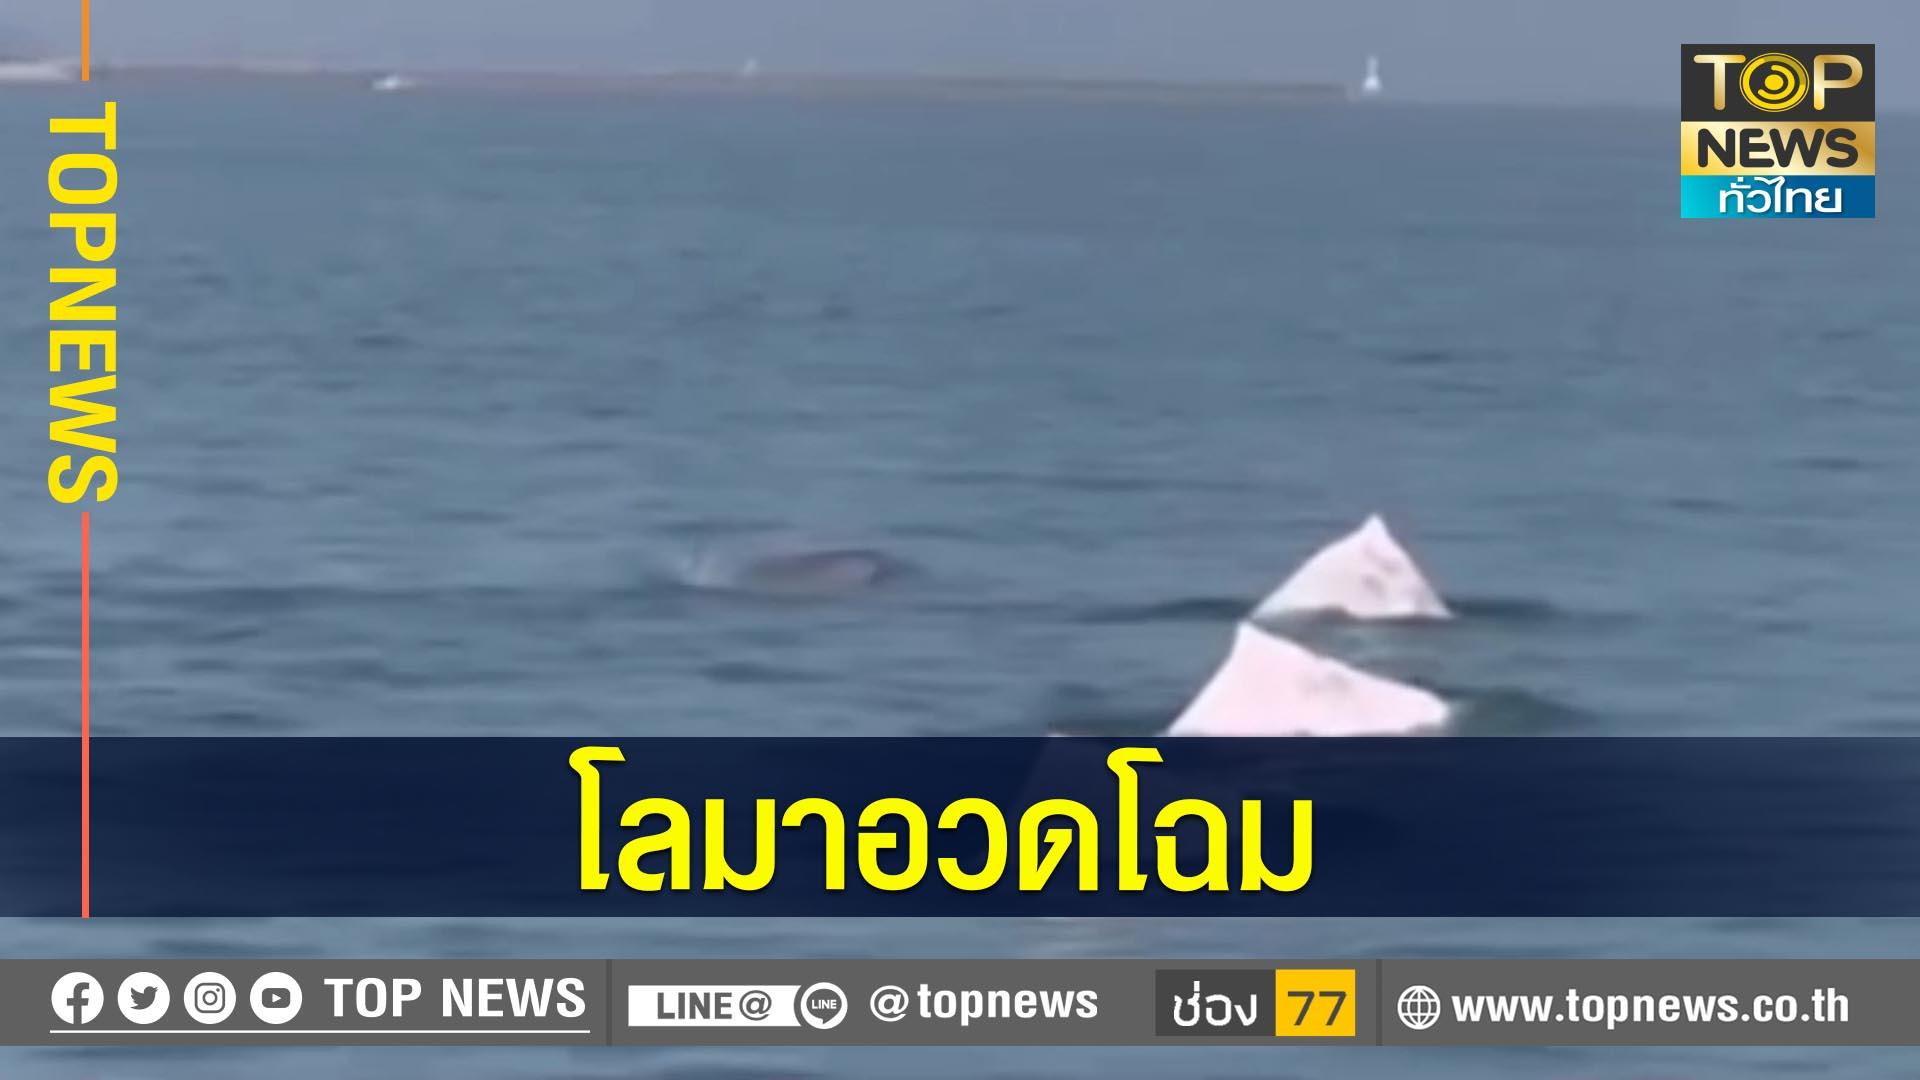 ฝูงโลมาสีชมพู เล่นน้ำอวดโฉมโชว์หน้าชายหาดสมิหลา